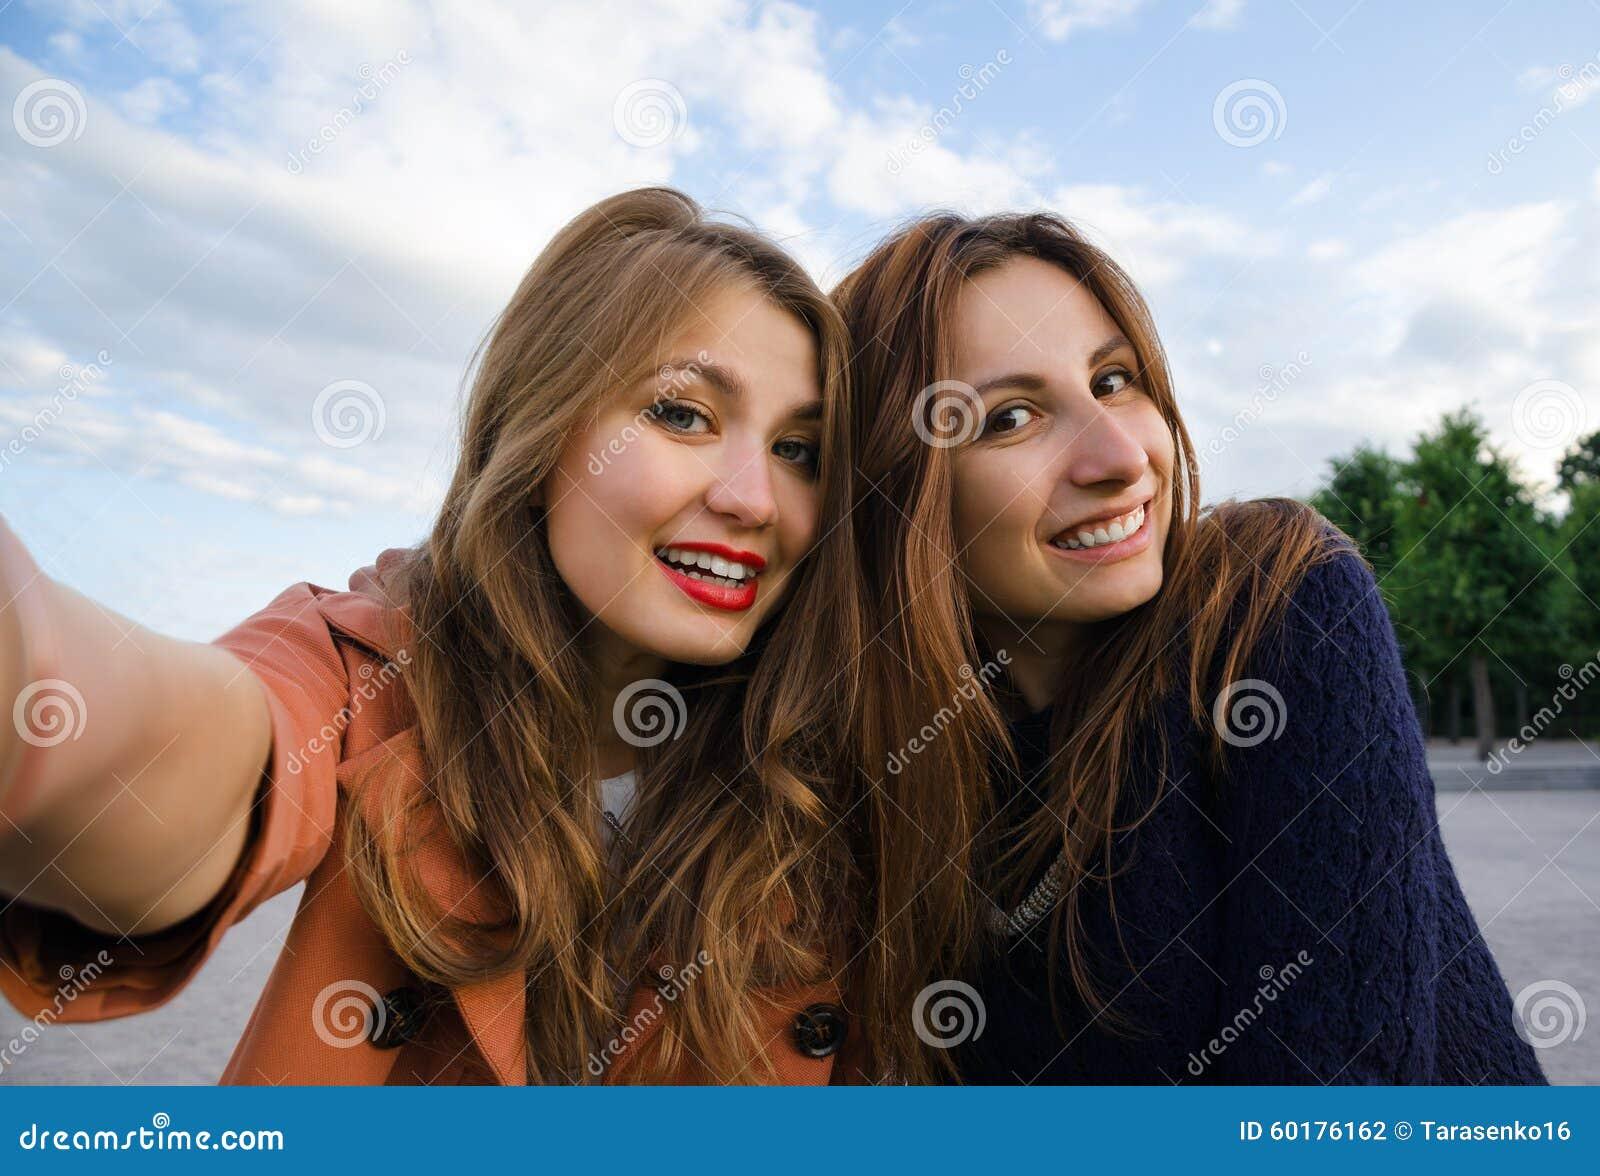 库存照片: 两个女朋友微笑做selfie图片